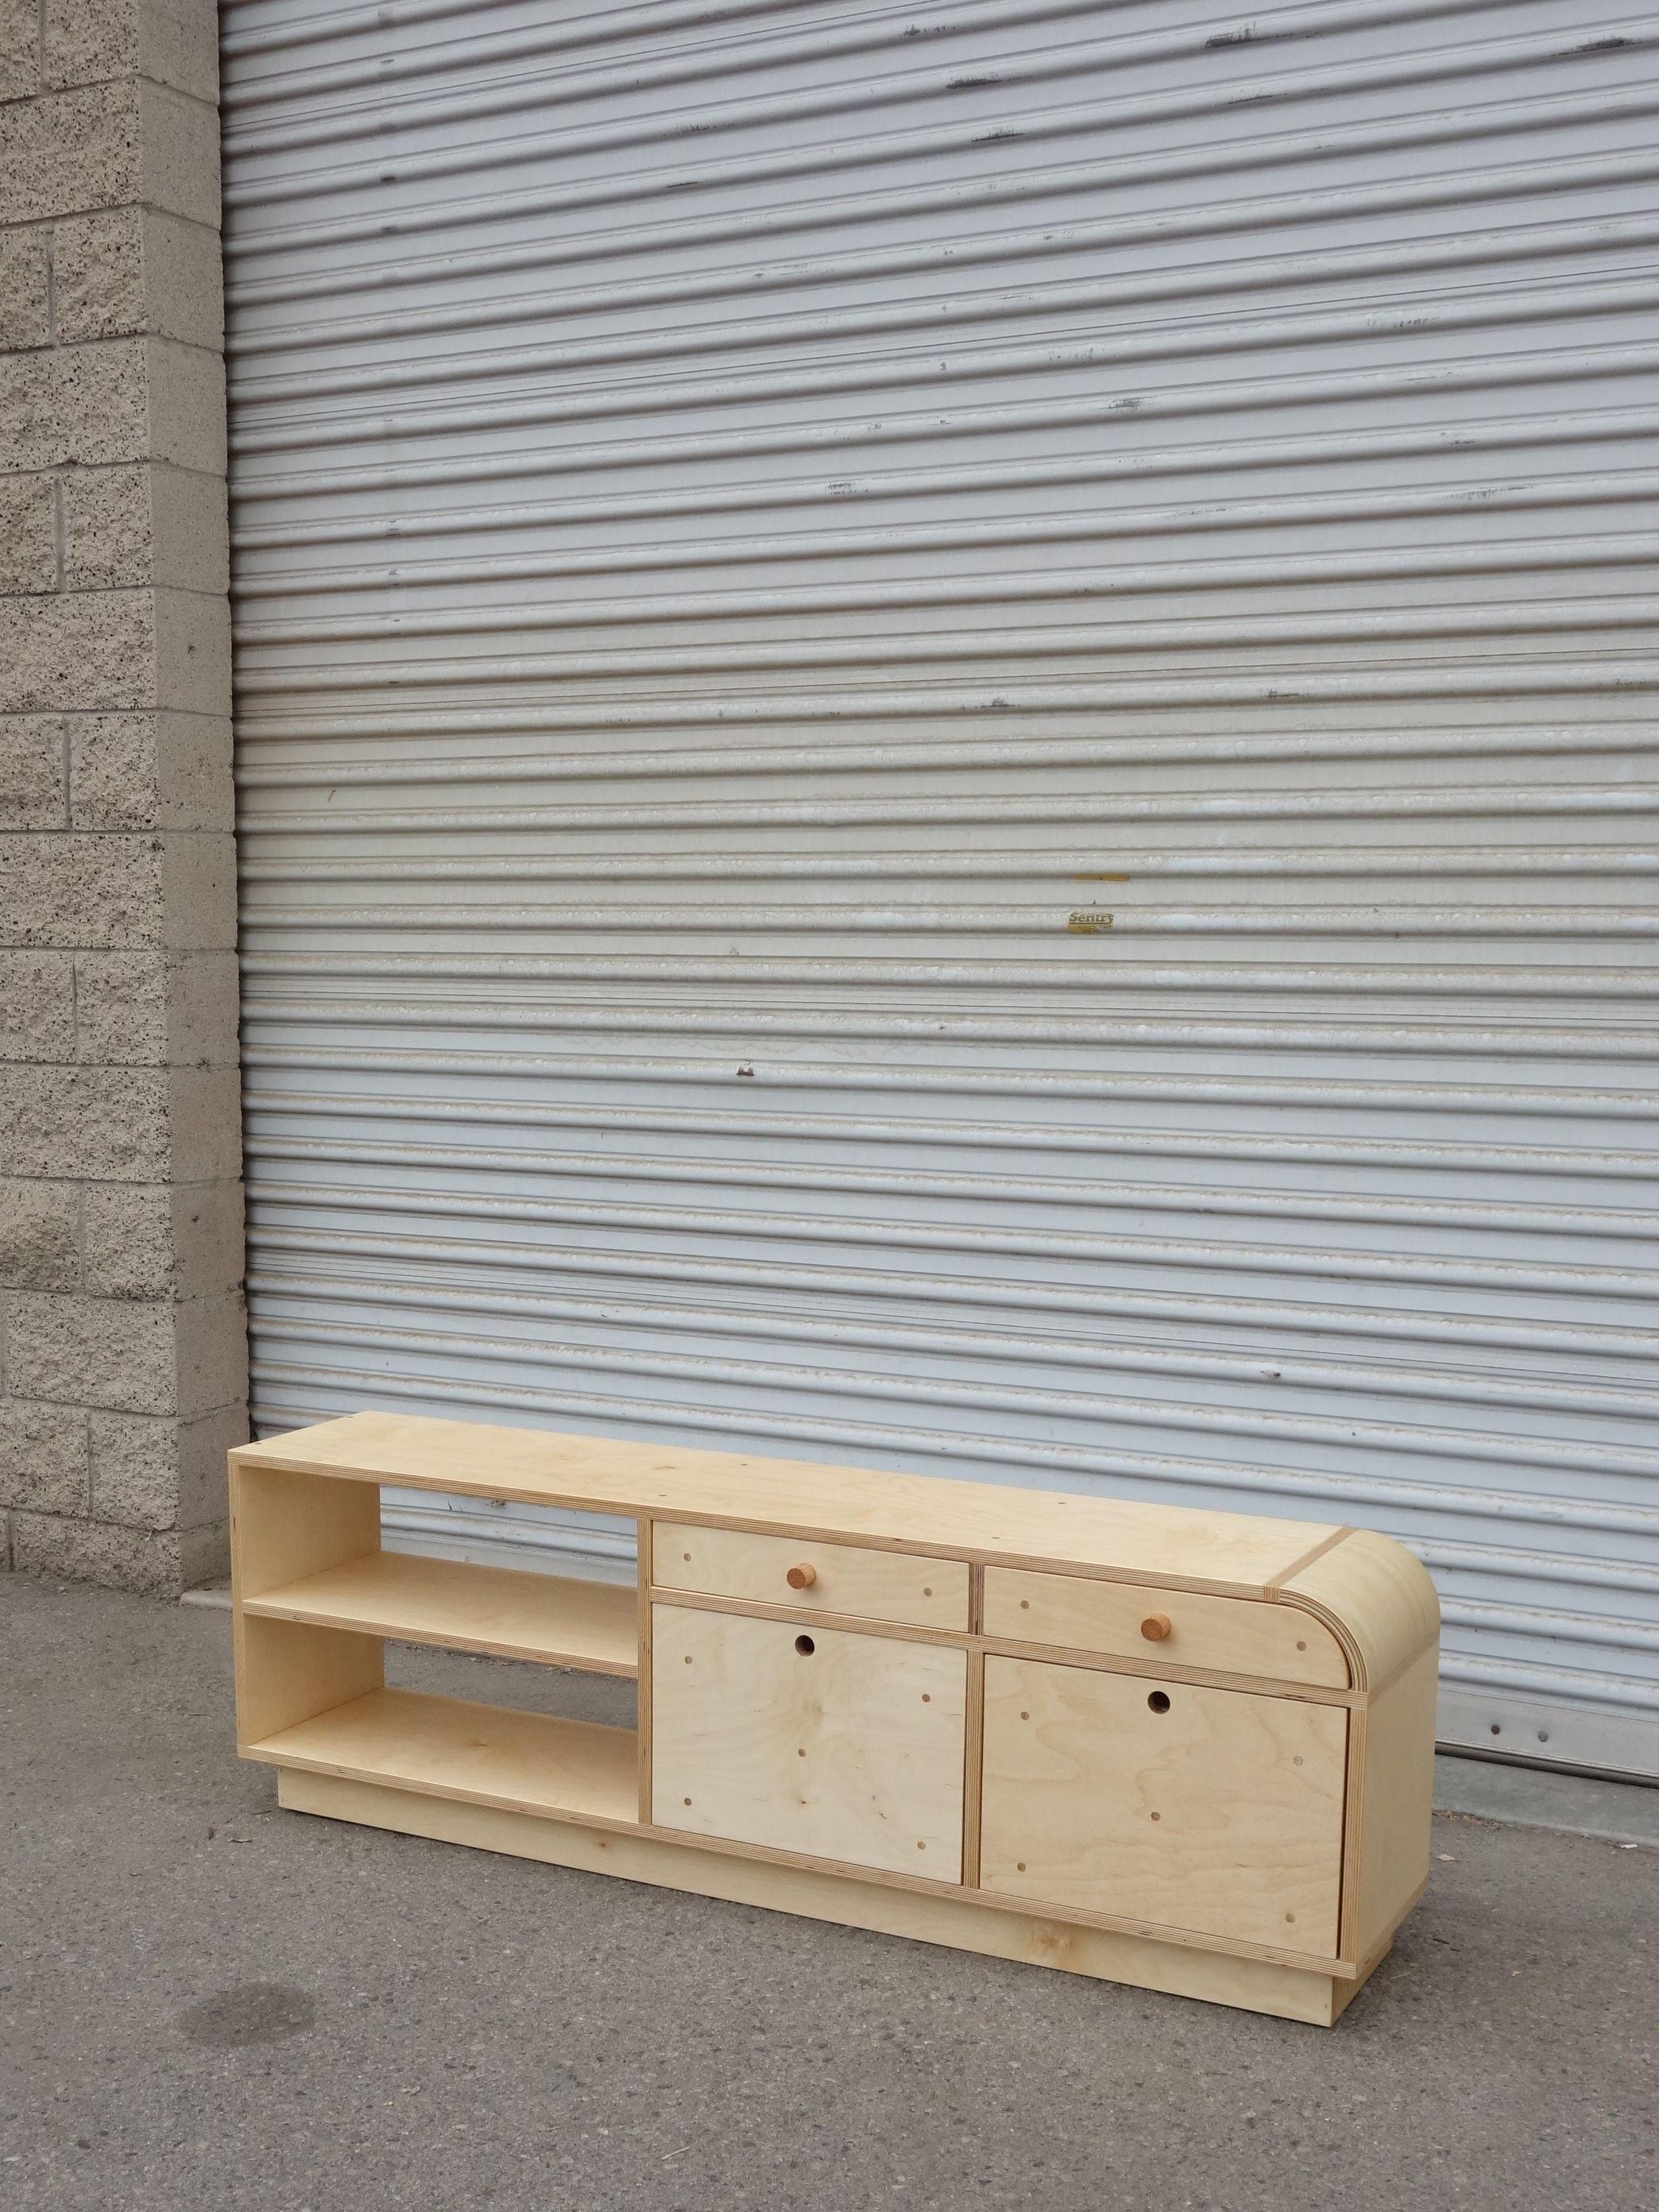 Entrance Organizer product image 2